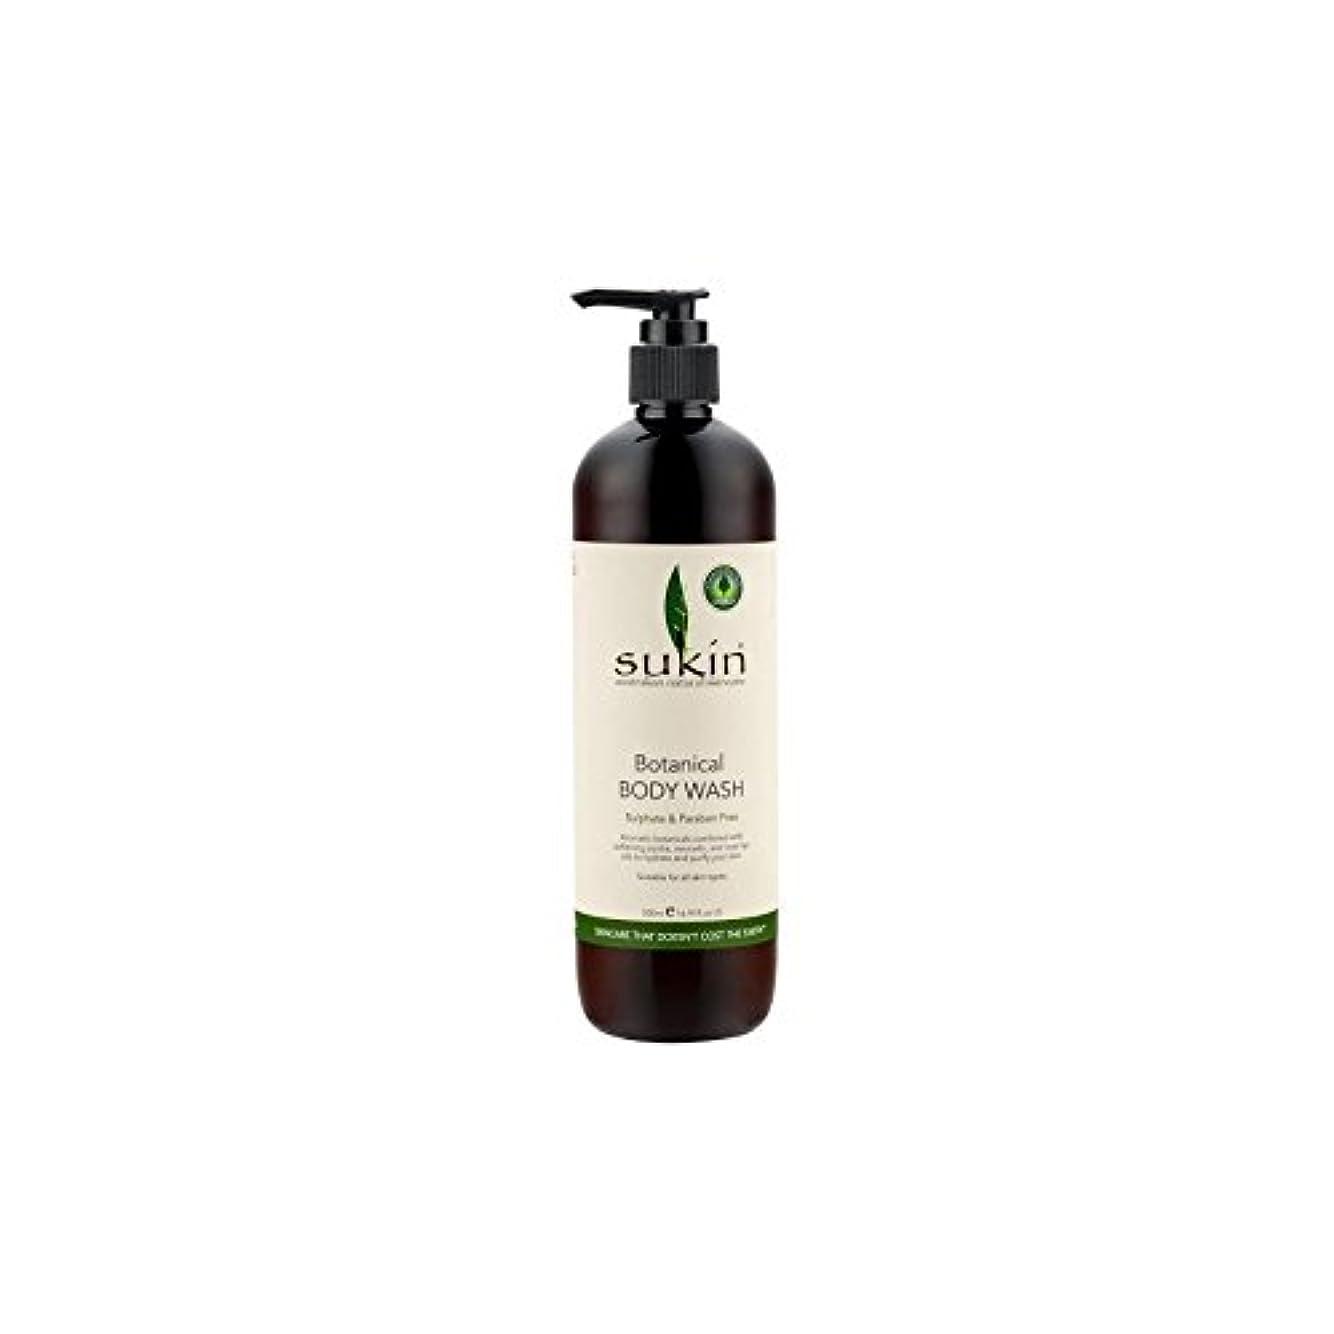 サンダル保育園余韻Sukin Botanical Body Wash (500ml) (Pack of 6) - 植物ボディウォッシュ(500ミリリットル) x6 [並行輸入品]